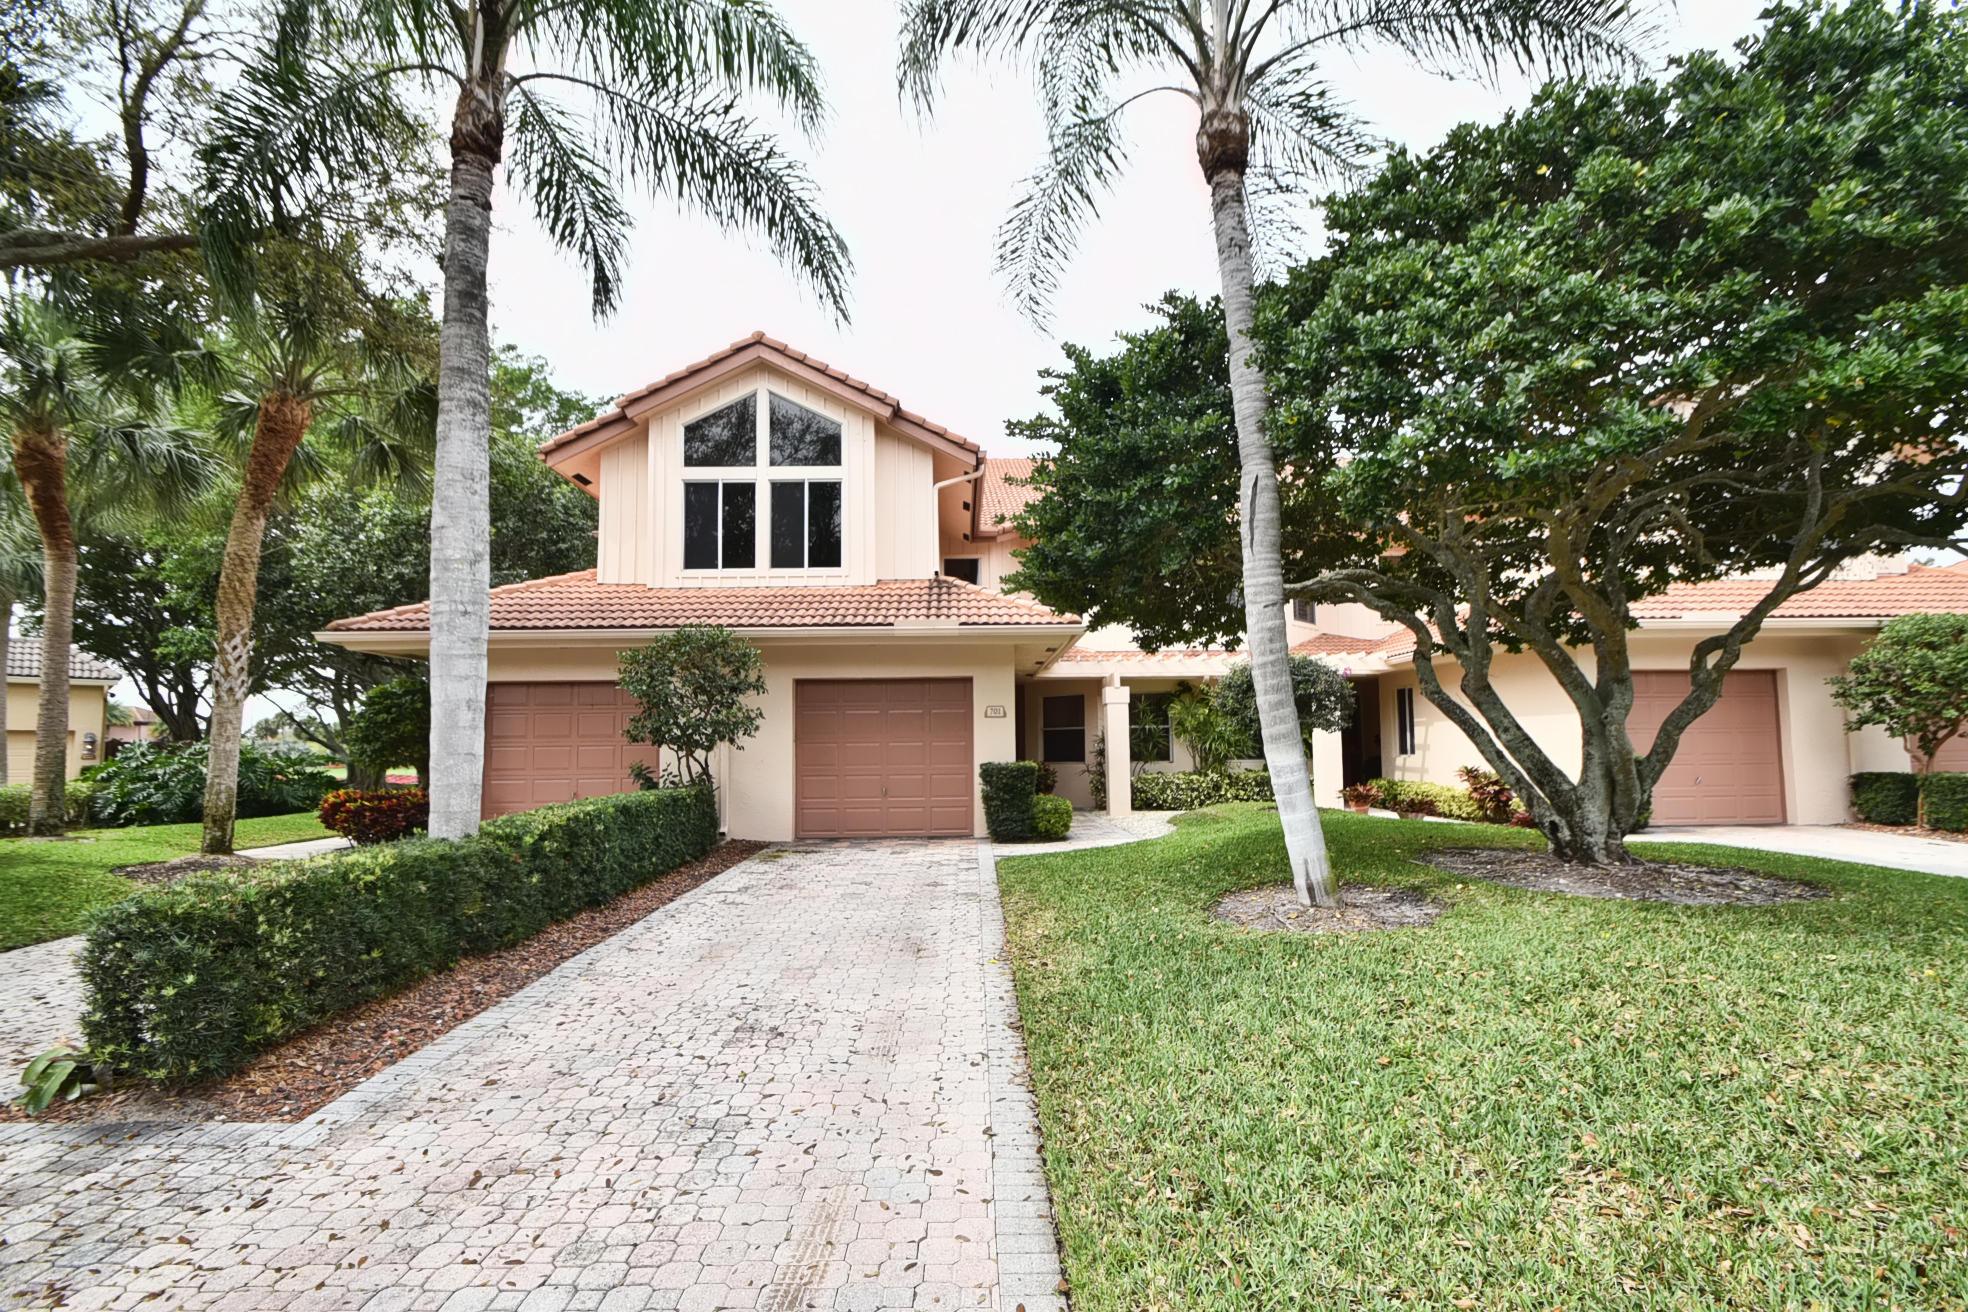 5701 NW 24th Avenue 701 Boca Raton, FL 33496